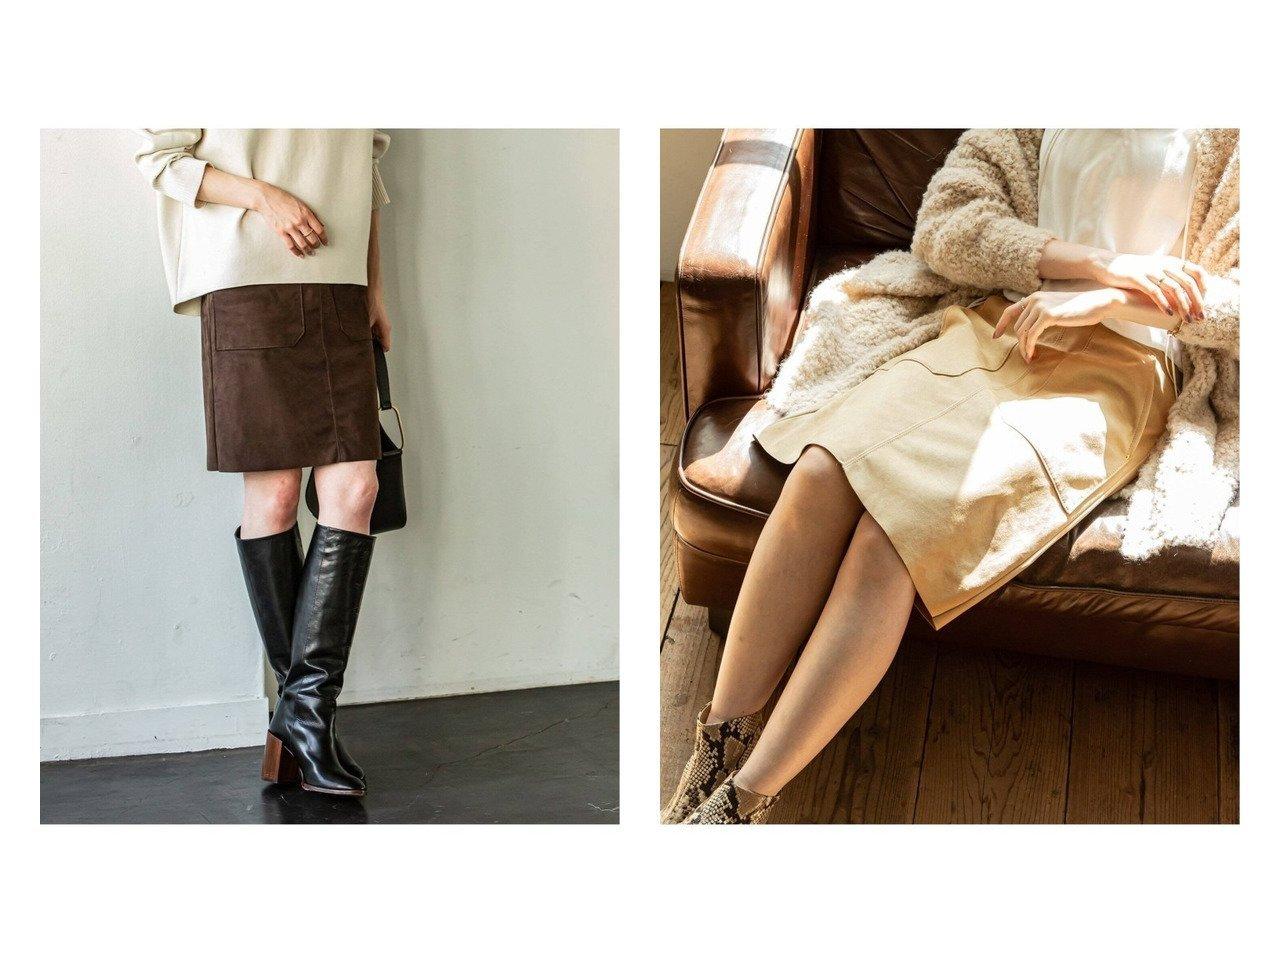 【NOBLE / Spick & Span/ノーブル / スピック&スパン】のフェイクスエードビッグポケットミニスカート 【スカート】おすすめ!人気、トレンド・レディースファッションの通販 おすすめで人気の流行・トレンド、ファッションの通販商品 インテリア・家具・メンズファッション・キッズファッション・レディースファッション・服の通販 founy(ファニー) https://founy.com/ ファッション Fashion レディースファッション WOMEN スカート Skirt ミニスカート Mini Skirts バランス フェイクスエード ボトム ポケット ミニスカート ロング A/W・秋冬 AW・Autumn/Winter・FW・Fall-Winter 2021年 2021 2021-2022秋冬・A/W AW・Autumn/Winter・FW・Fall-Winter・2021-2022 |ID:crp329100000066335